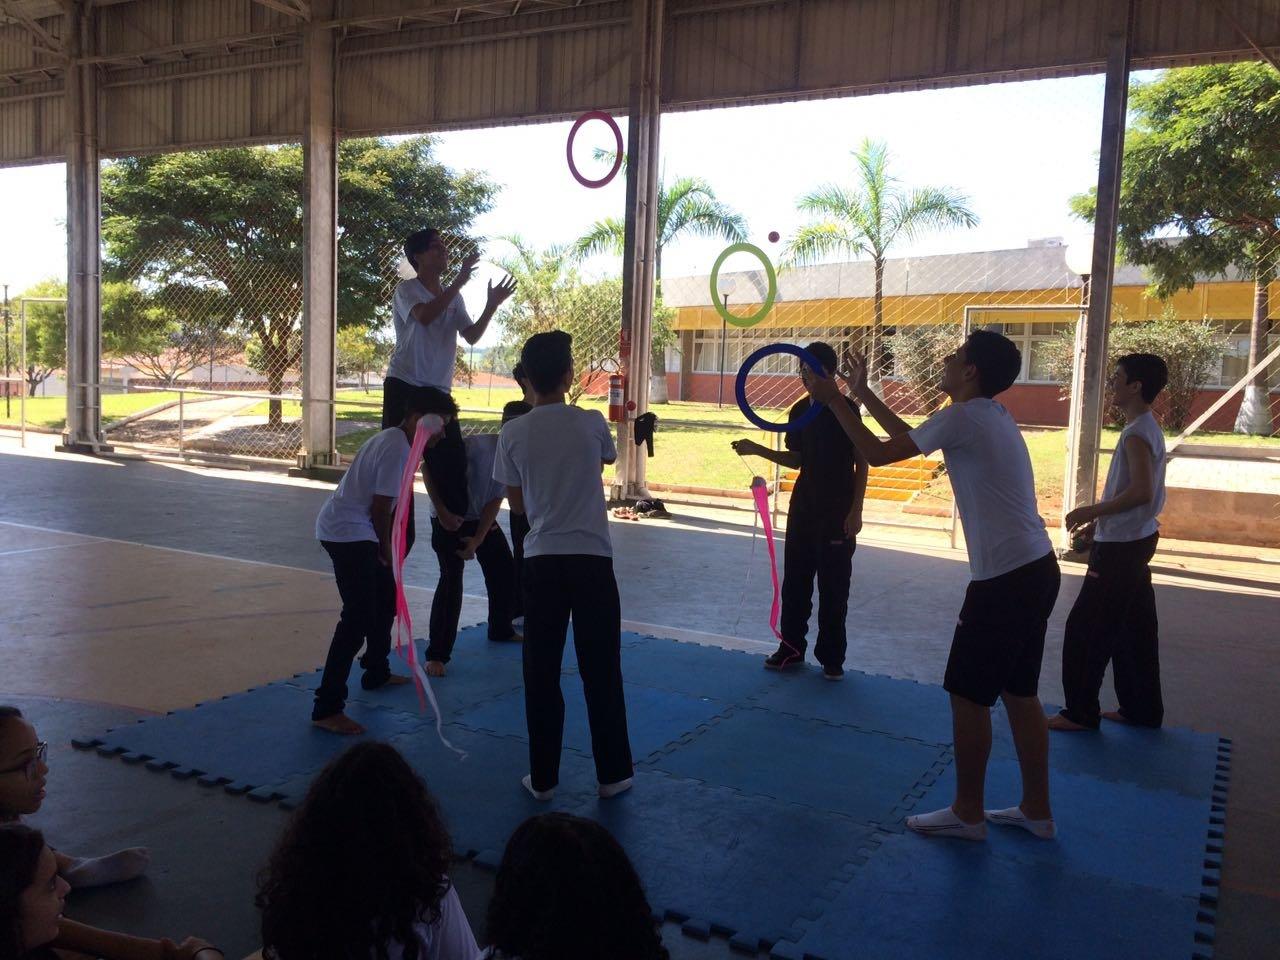 As crianças aprenderão malabares, equilíbrio, acrobacias, e outras atividades